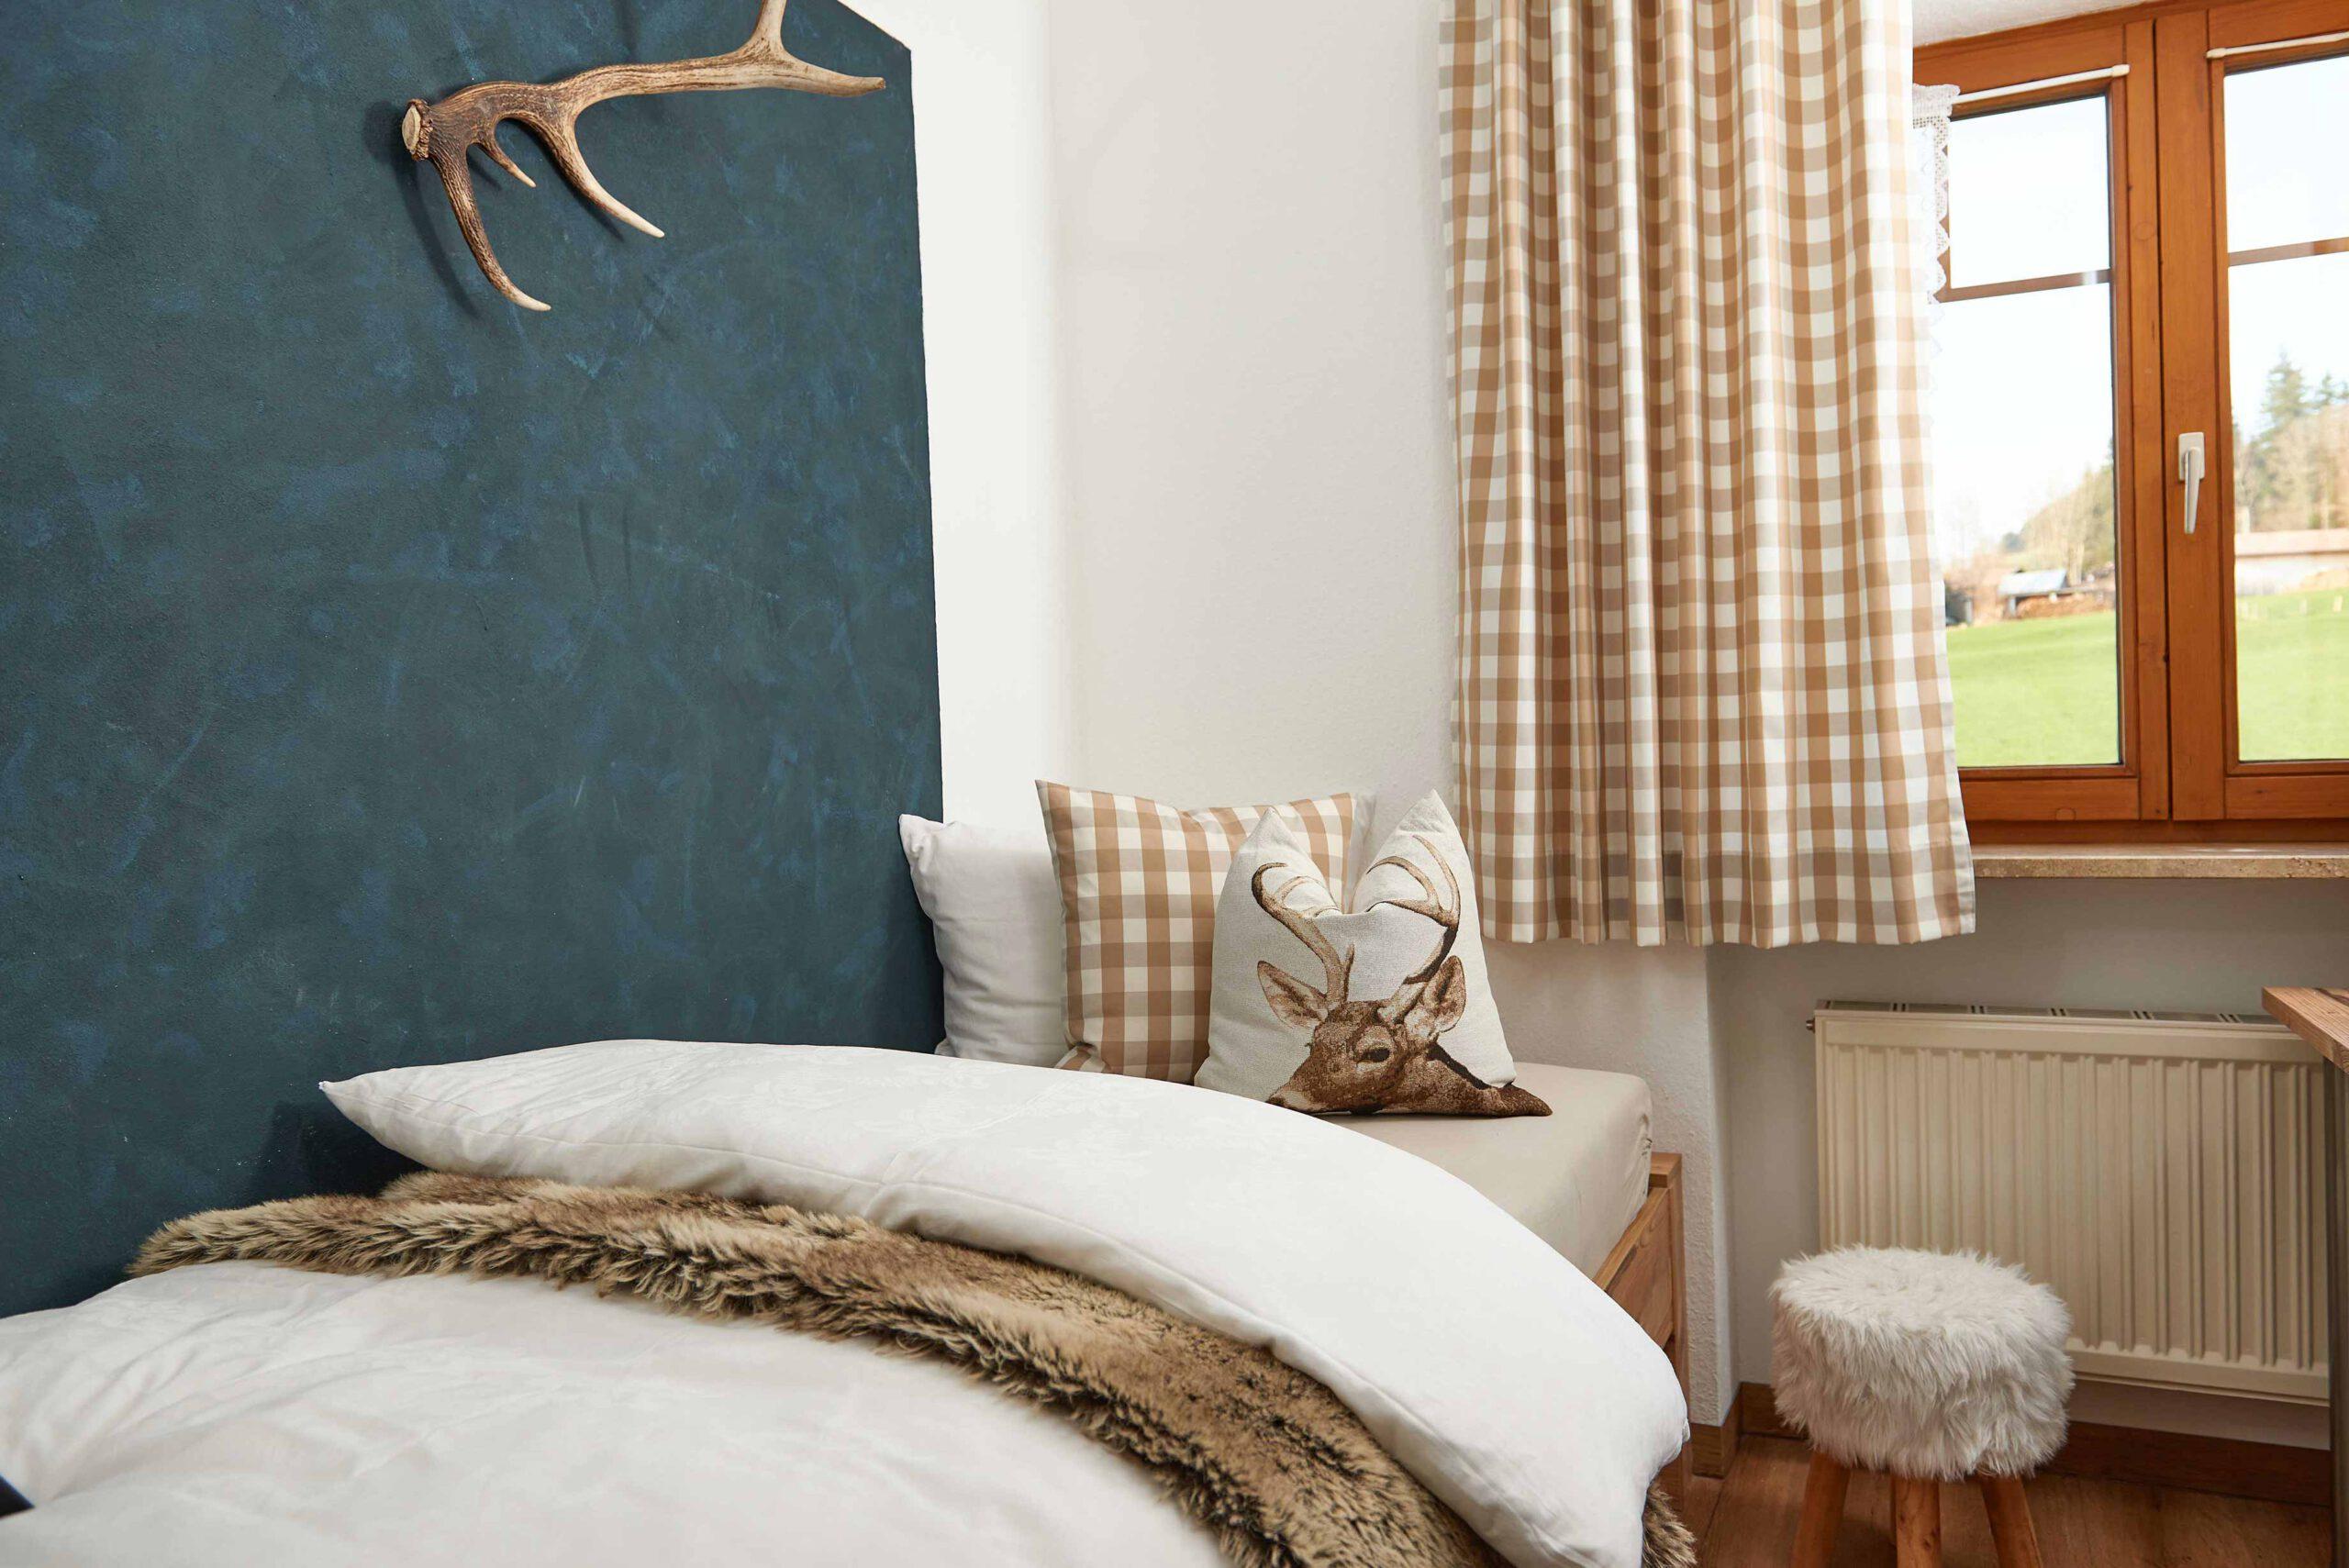 Kinderschlafzimmer mit Holzbett im Landhausstil